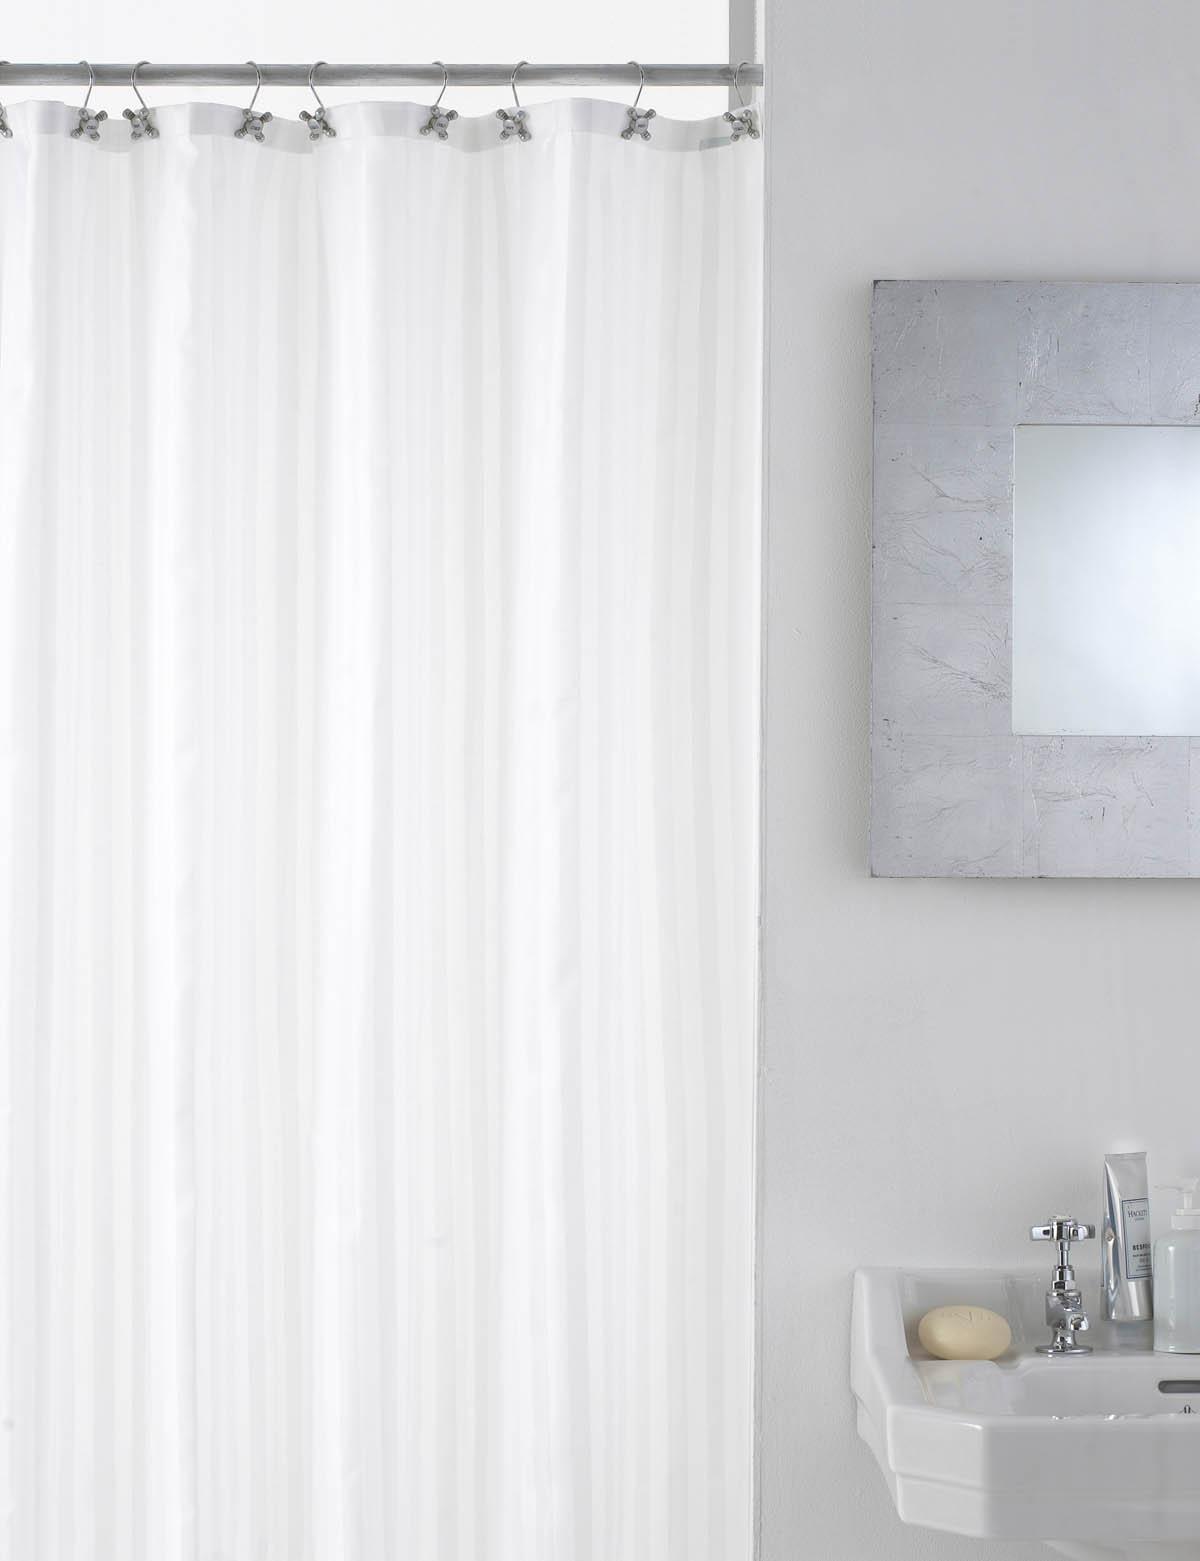 Deals shower curtain